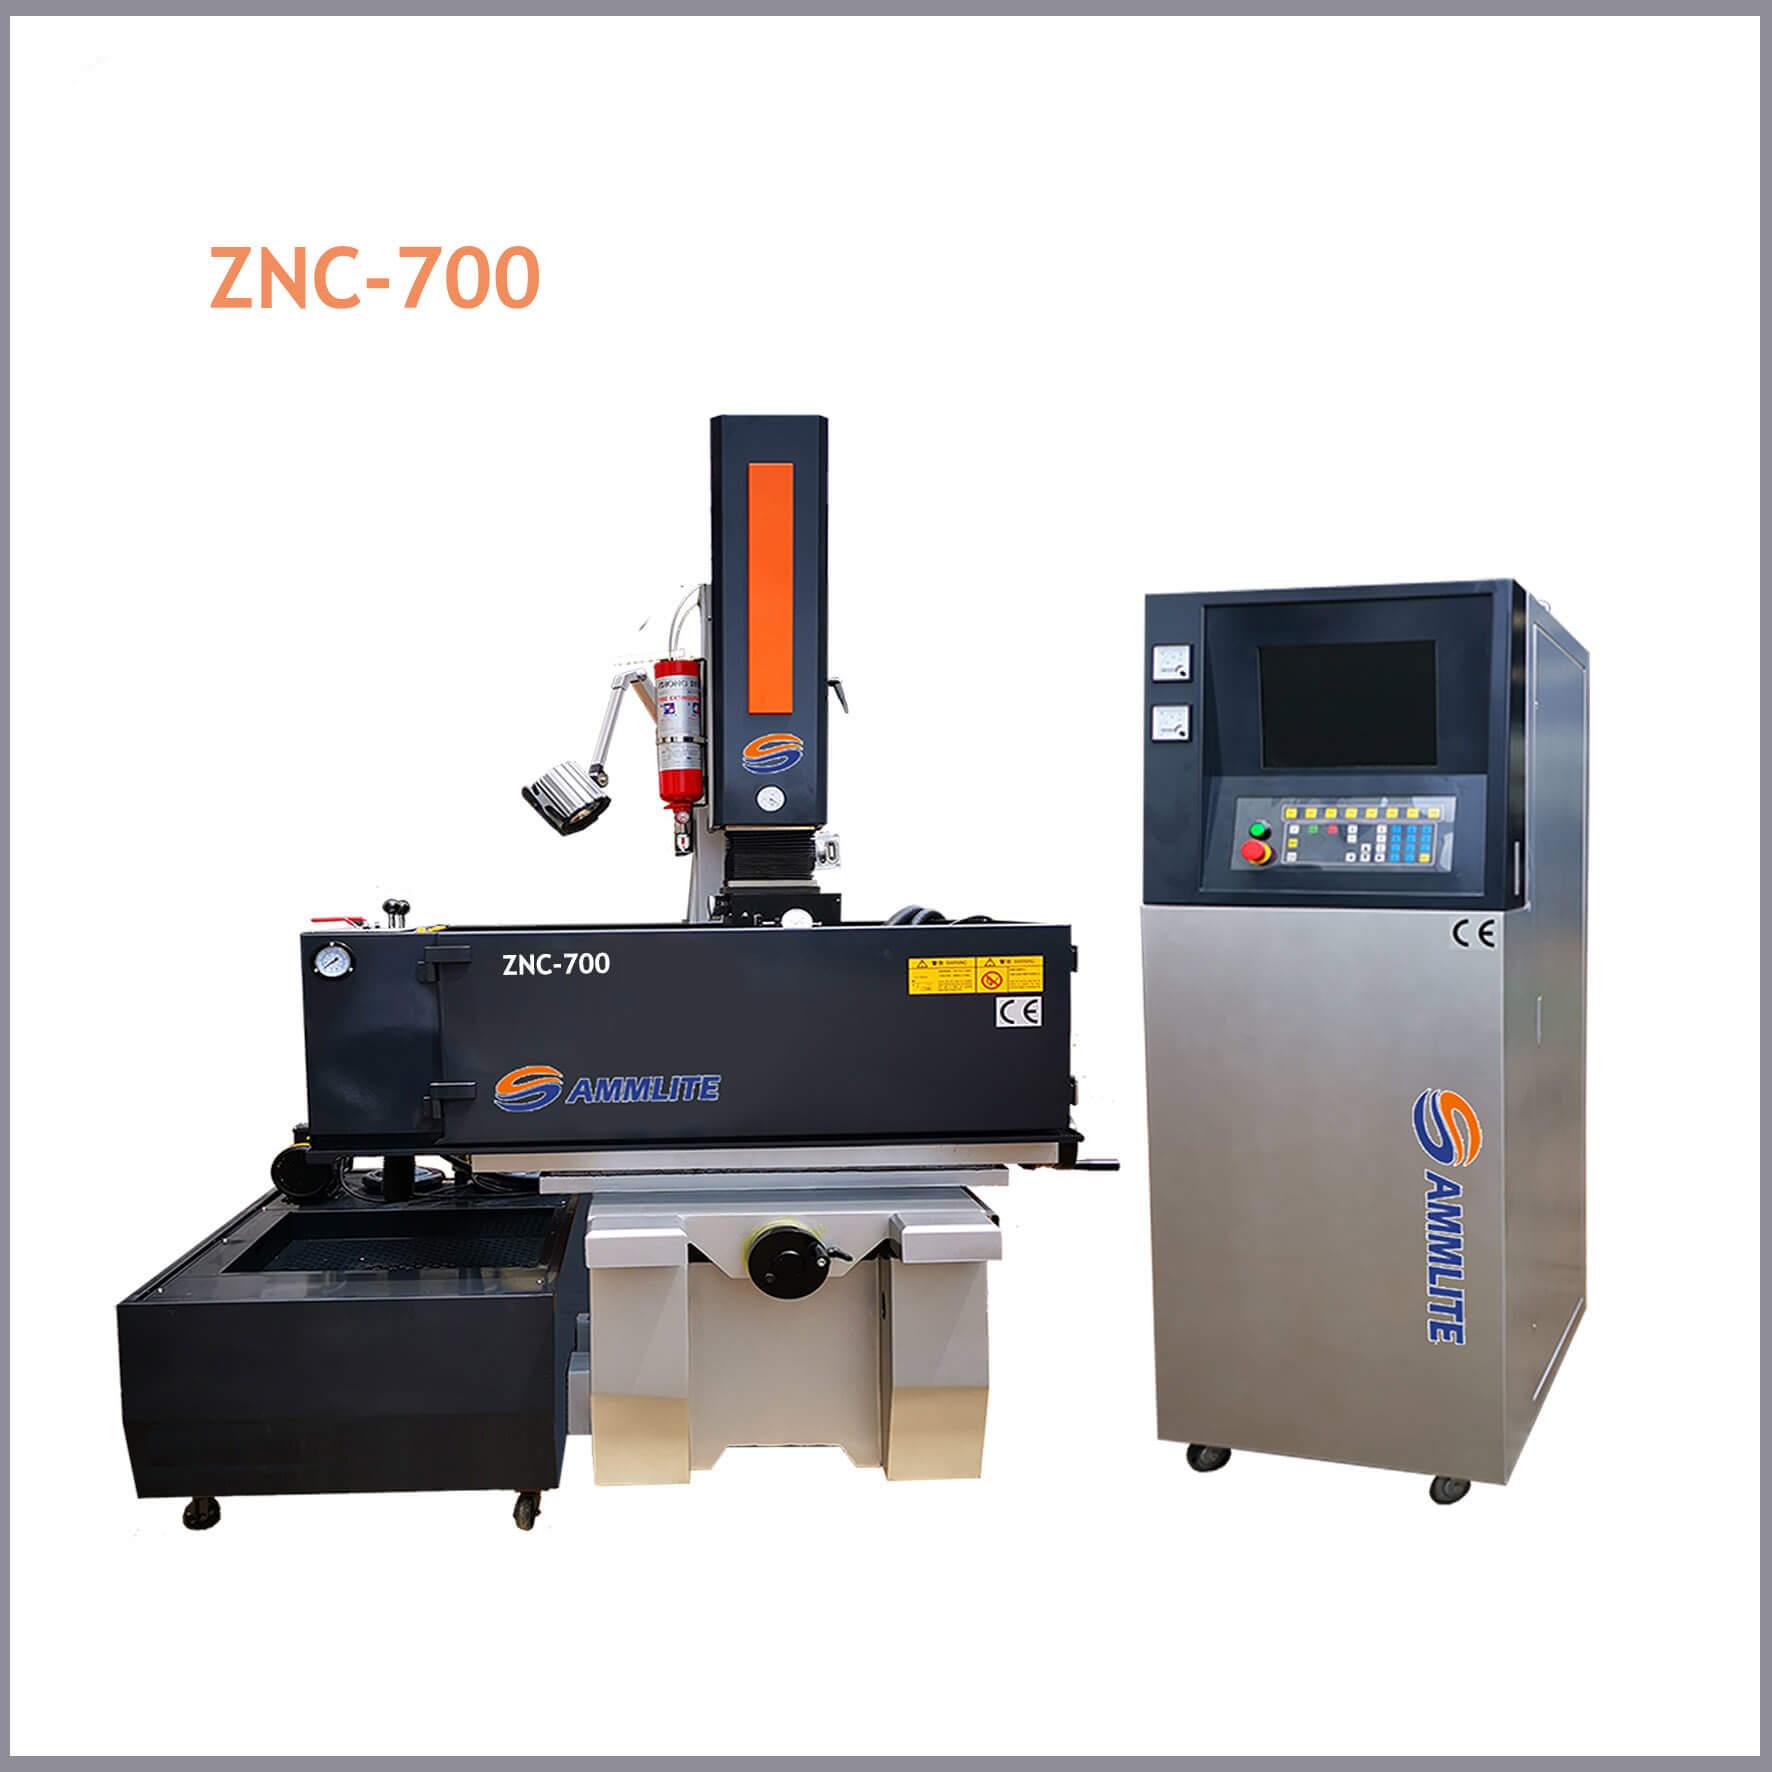 ZNC-700 Dalma Erozyon Tezgahı